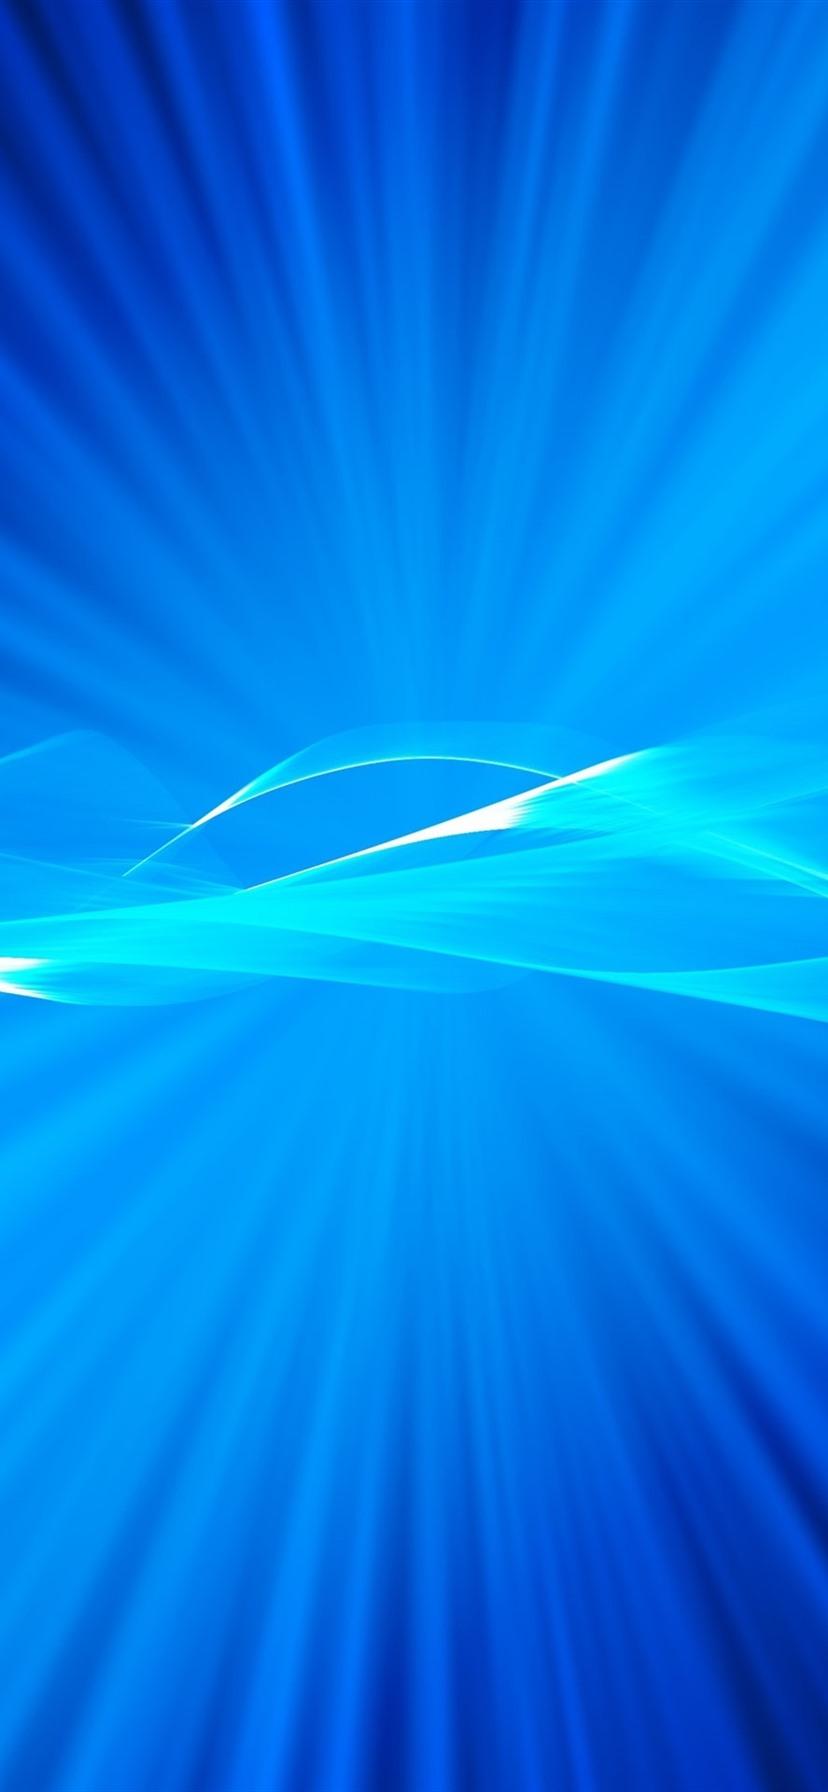 Helle Strahlen Blaue Art Abstrakt 3840x2160 Uhd 4k